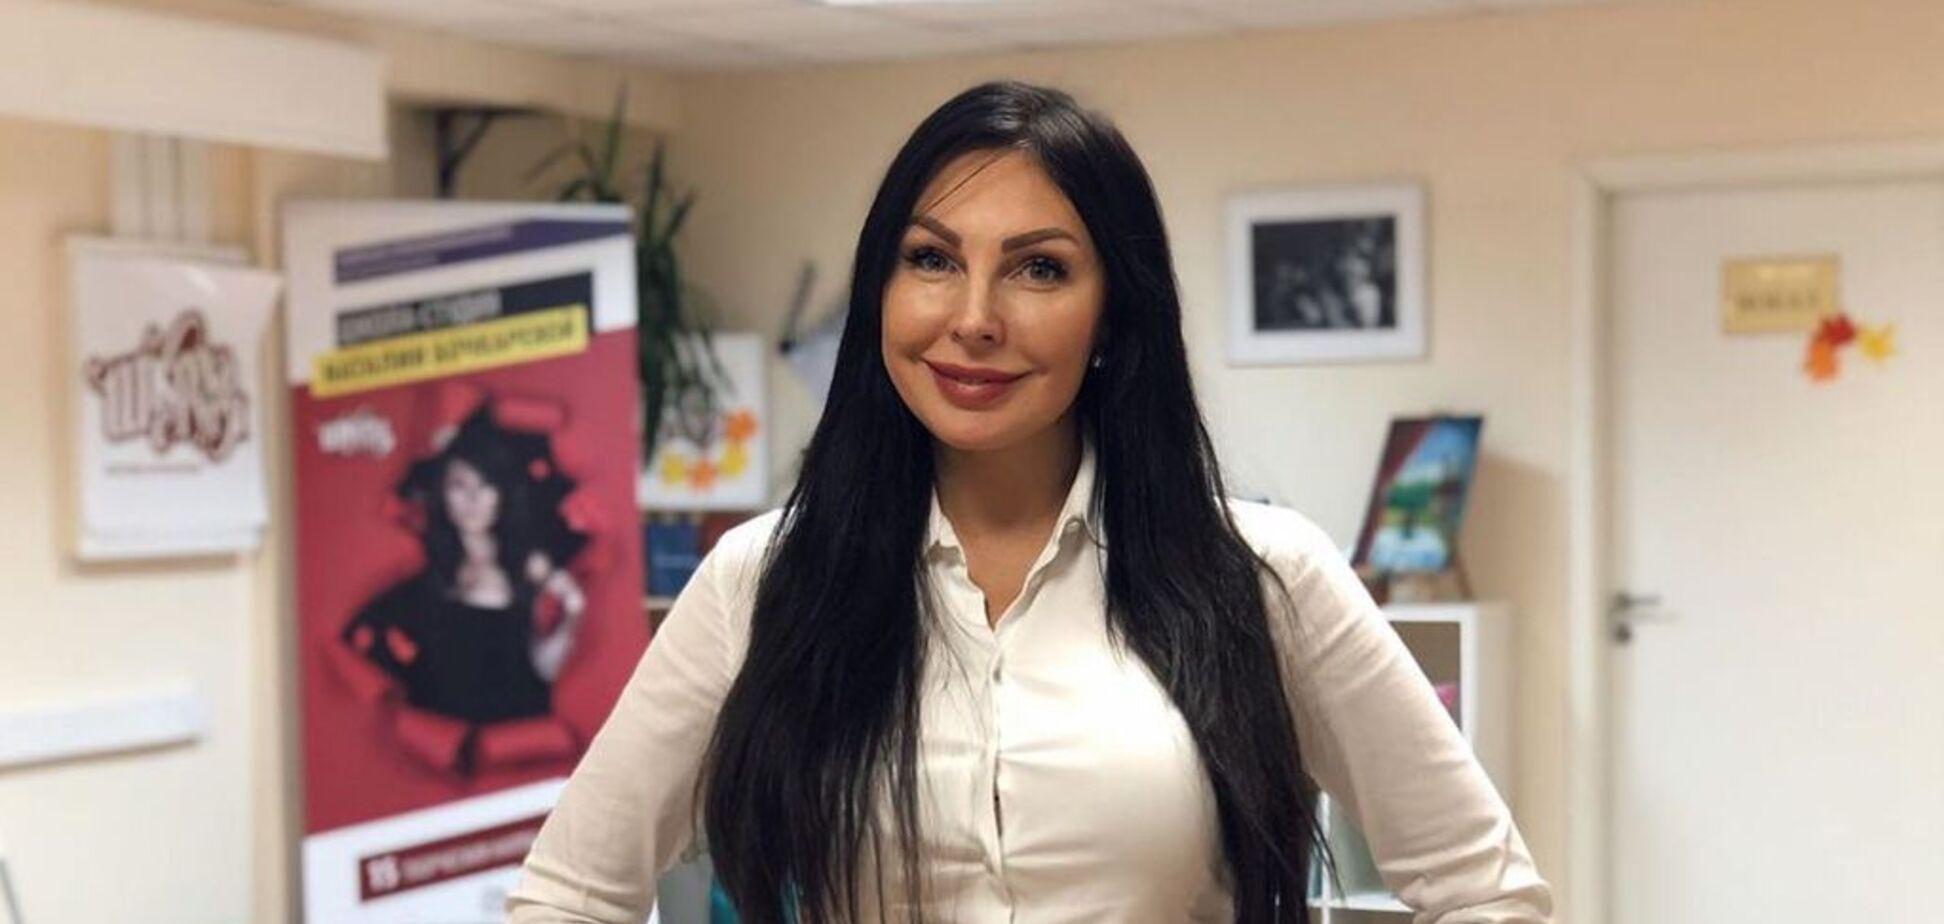 'Внесу ясность раз и навсегда': Бочкарева после скандала с кокаином оставила гневное послание